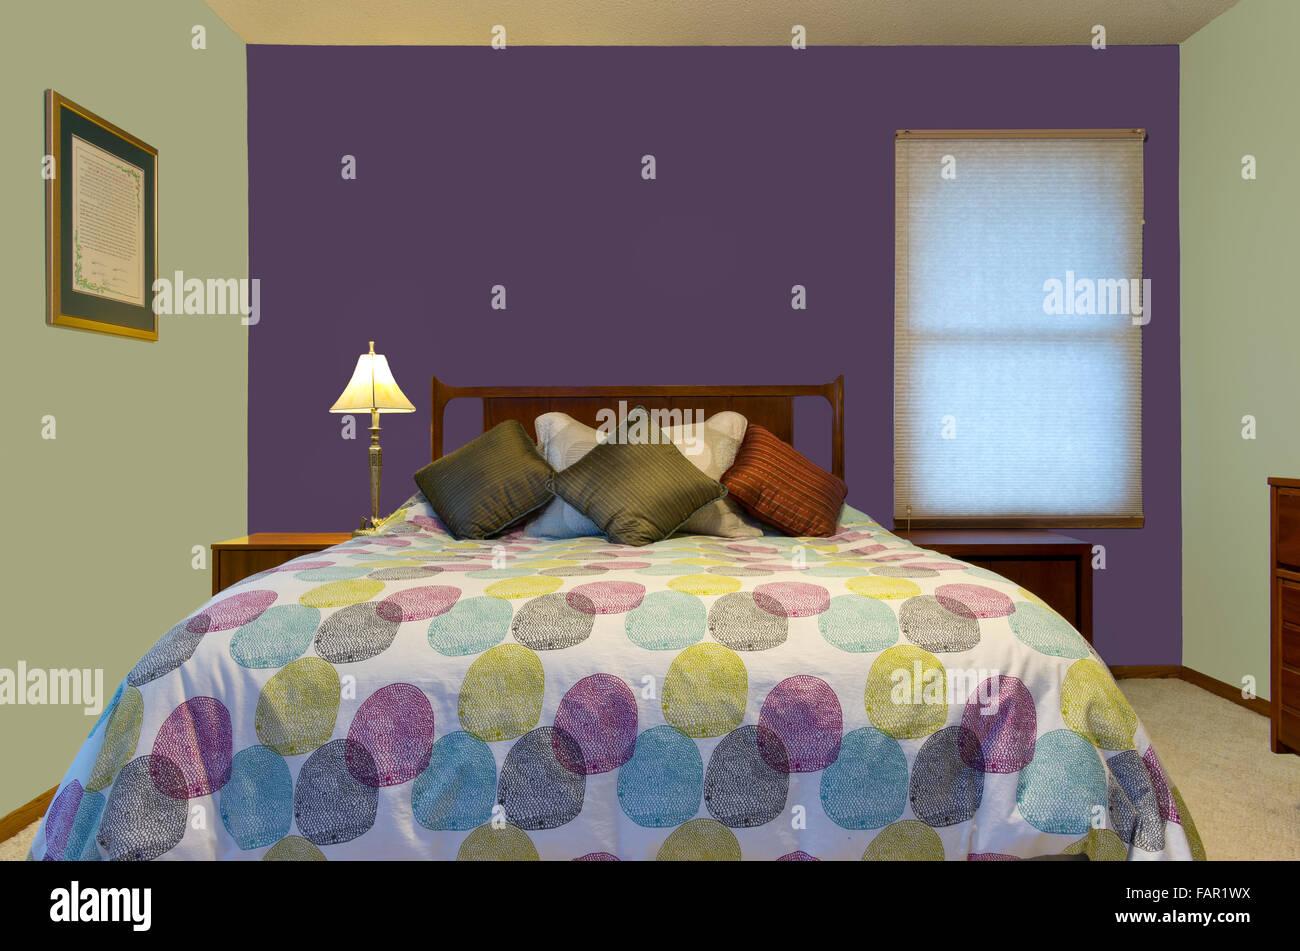 Schlafzimmer Innenraum Mit Lila Und Grüne Wände Lampe Bunte Kissen Und  Tröster Dekorieren Queensize Stockbild